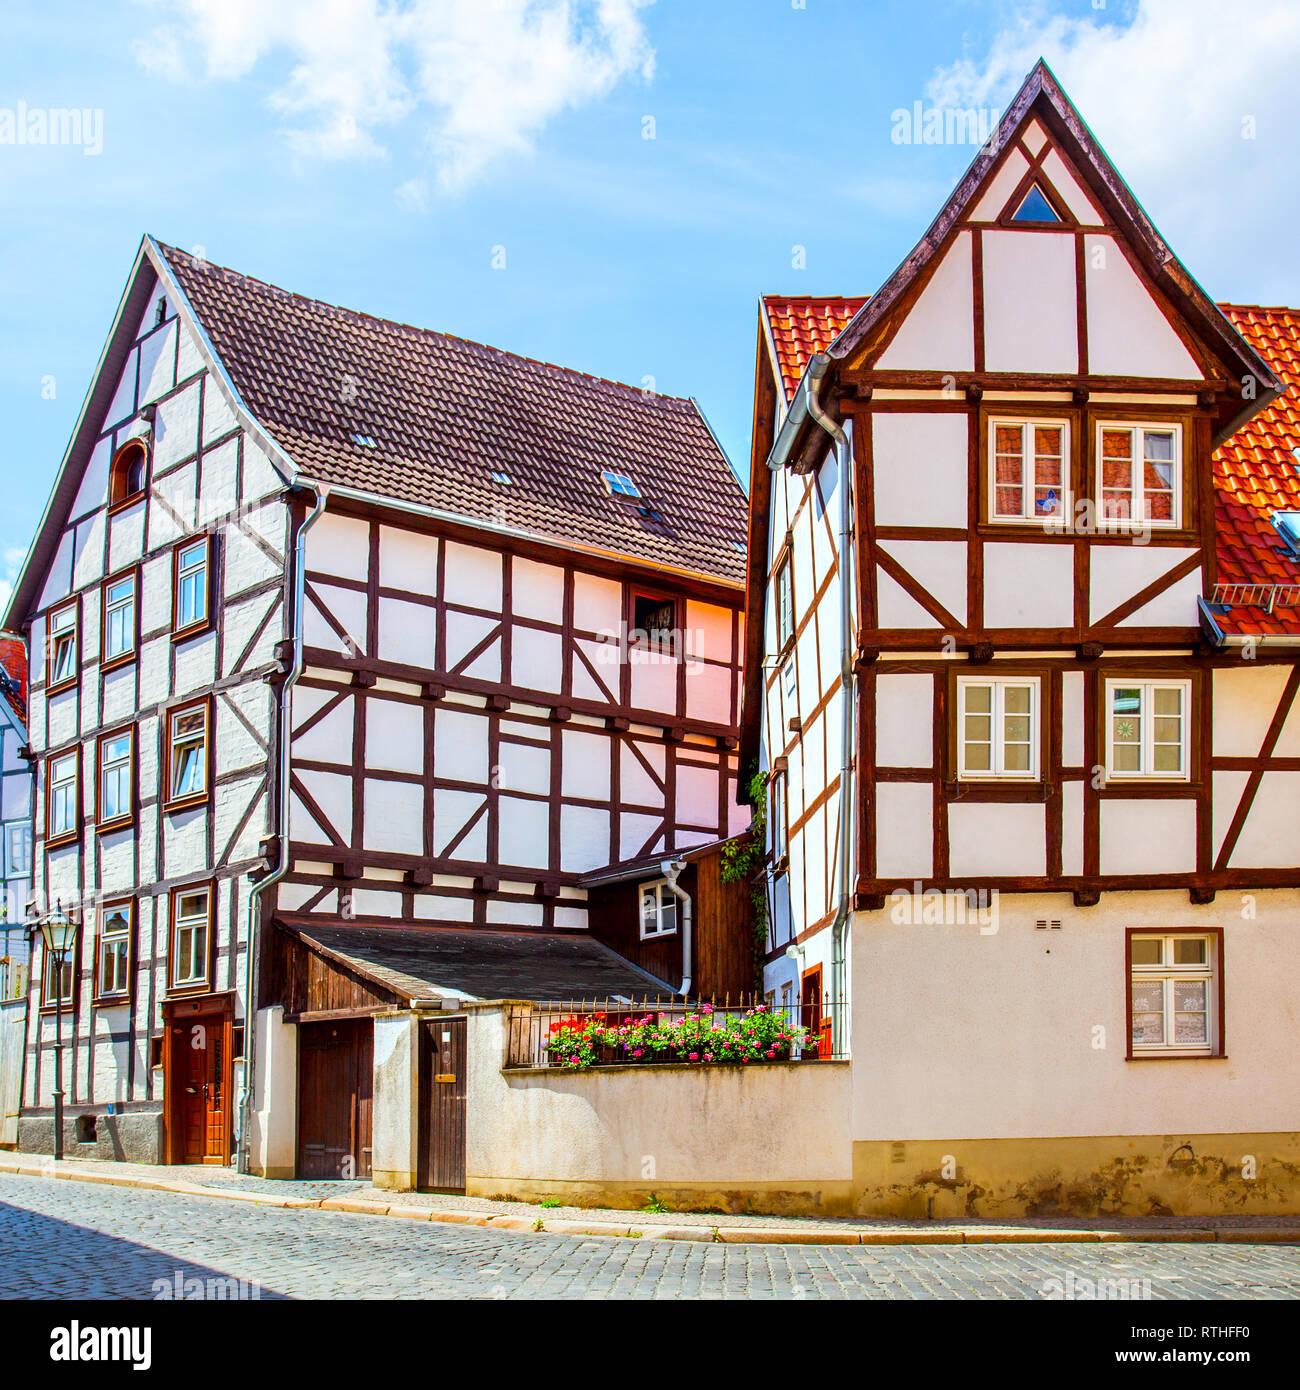 Old fachwerk houses in Quedlinburg, Germany - Stock Image